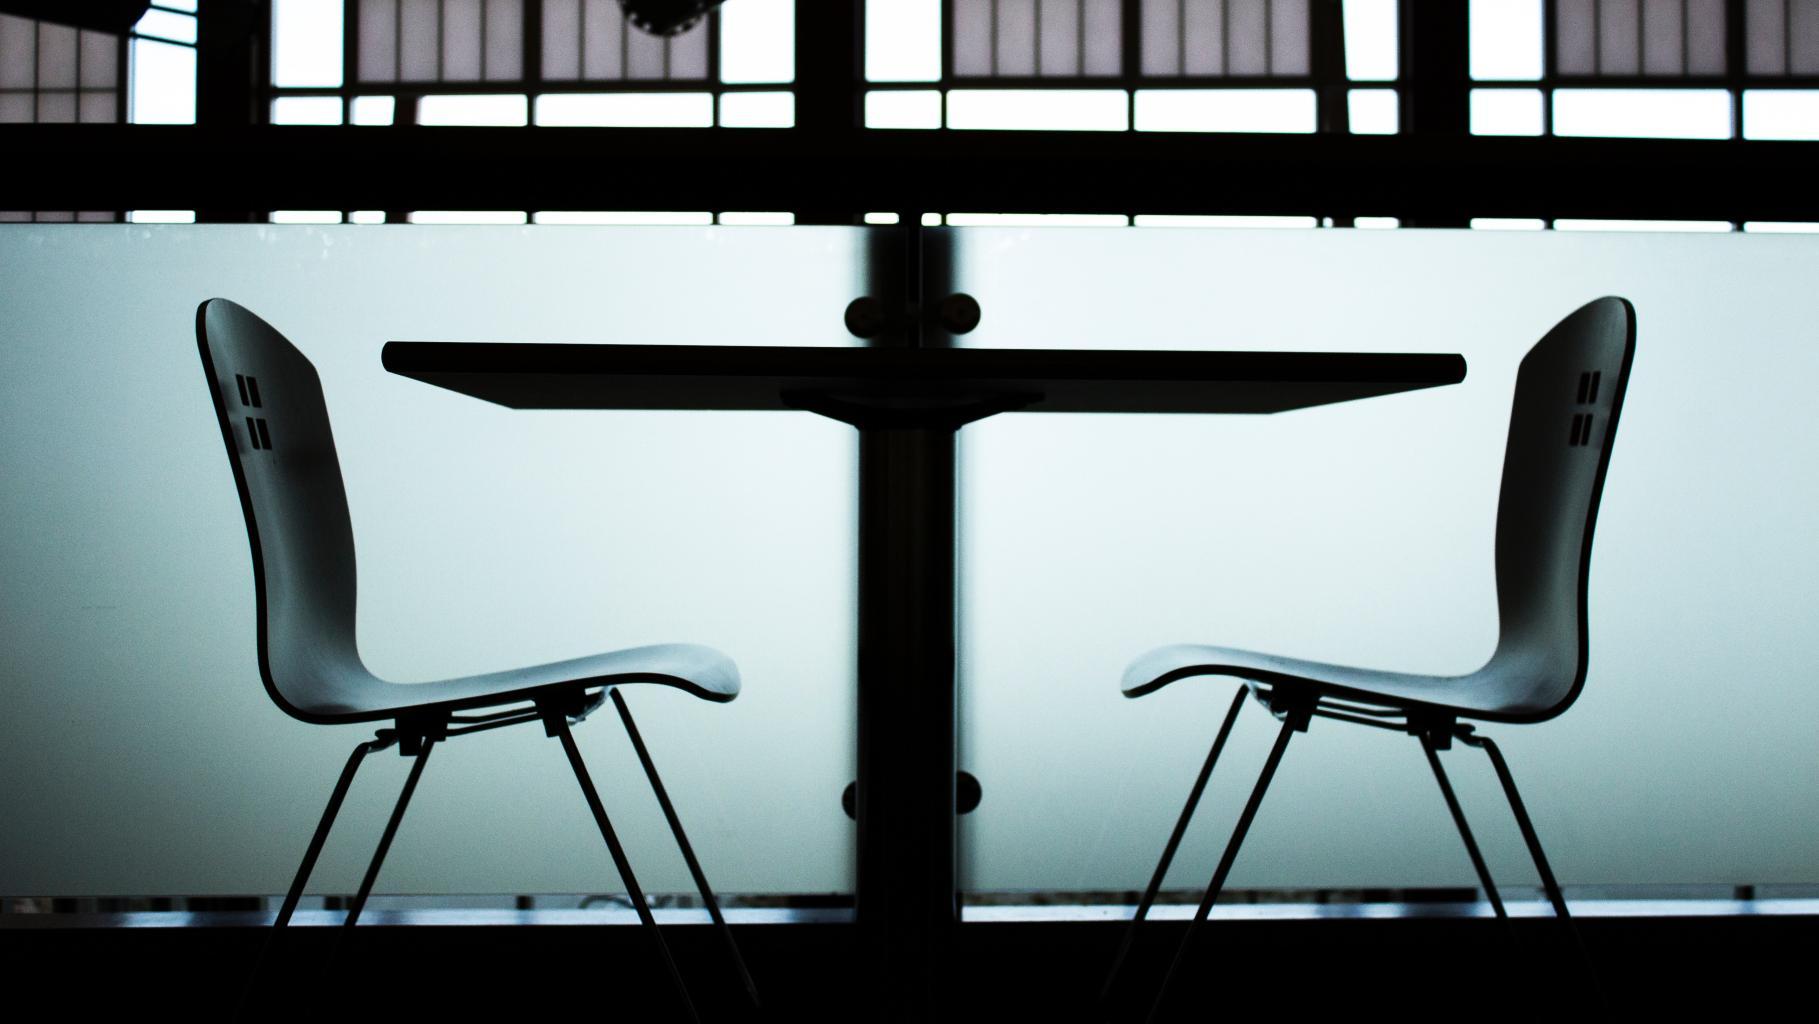 Ein Tisch mit zwei Stühlen